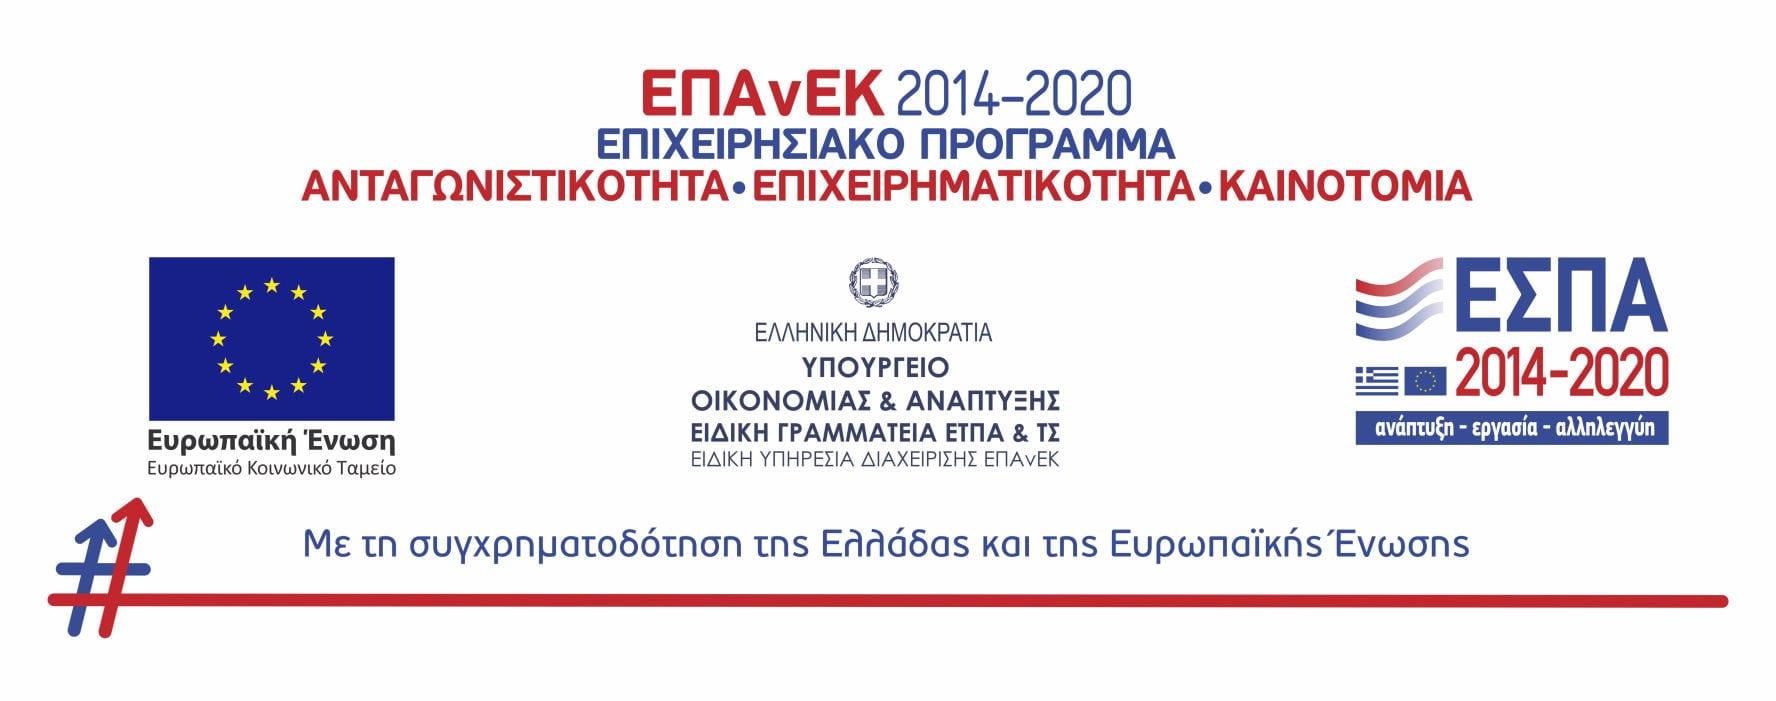 epanek 2014 2020